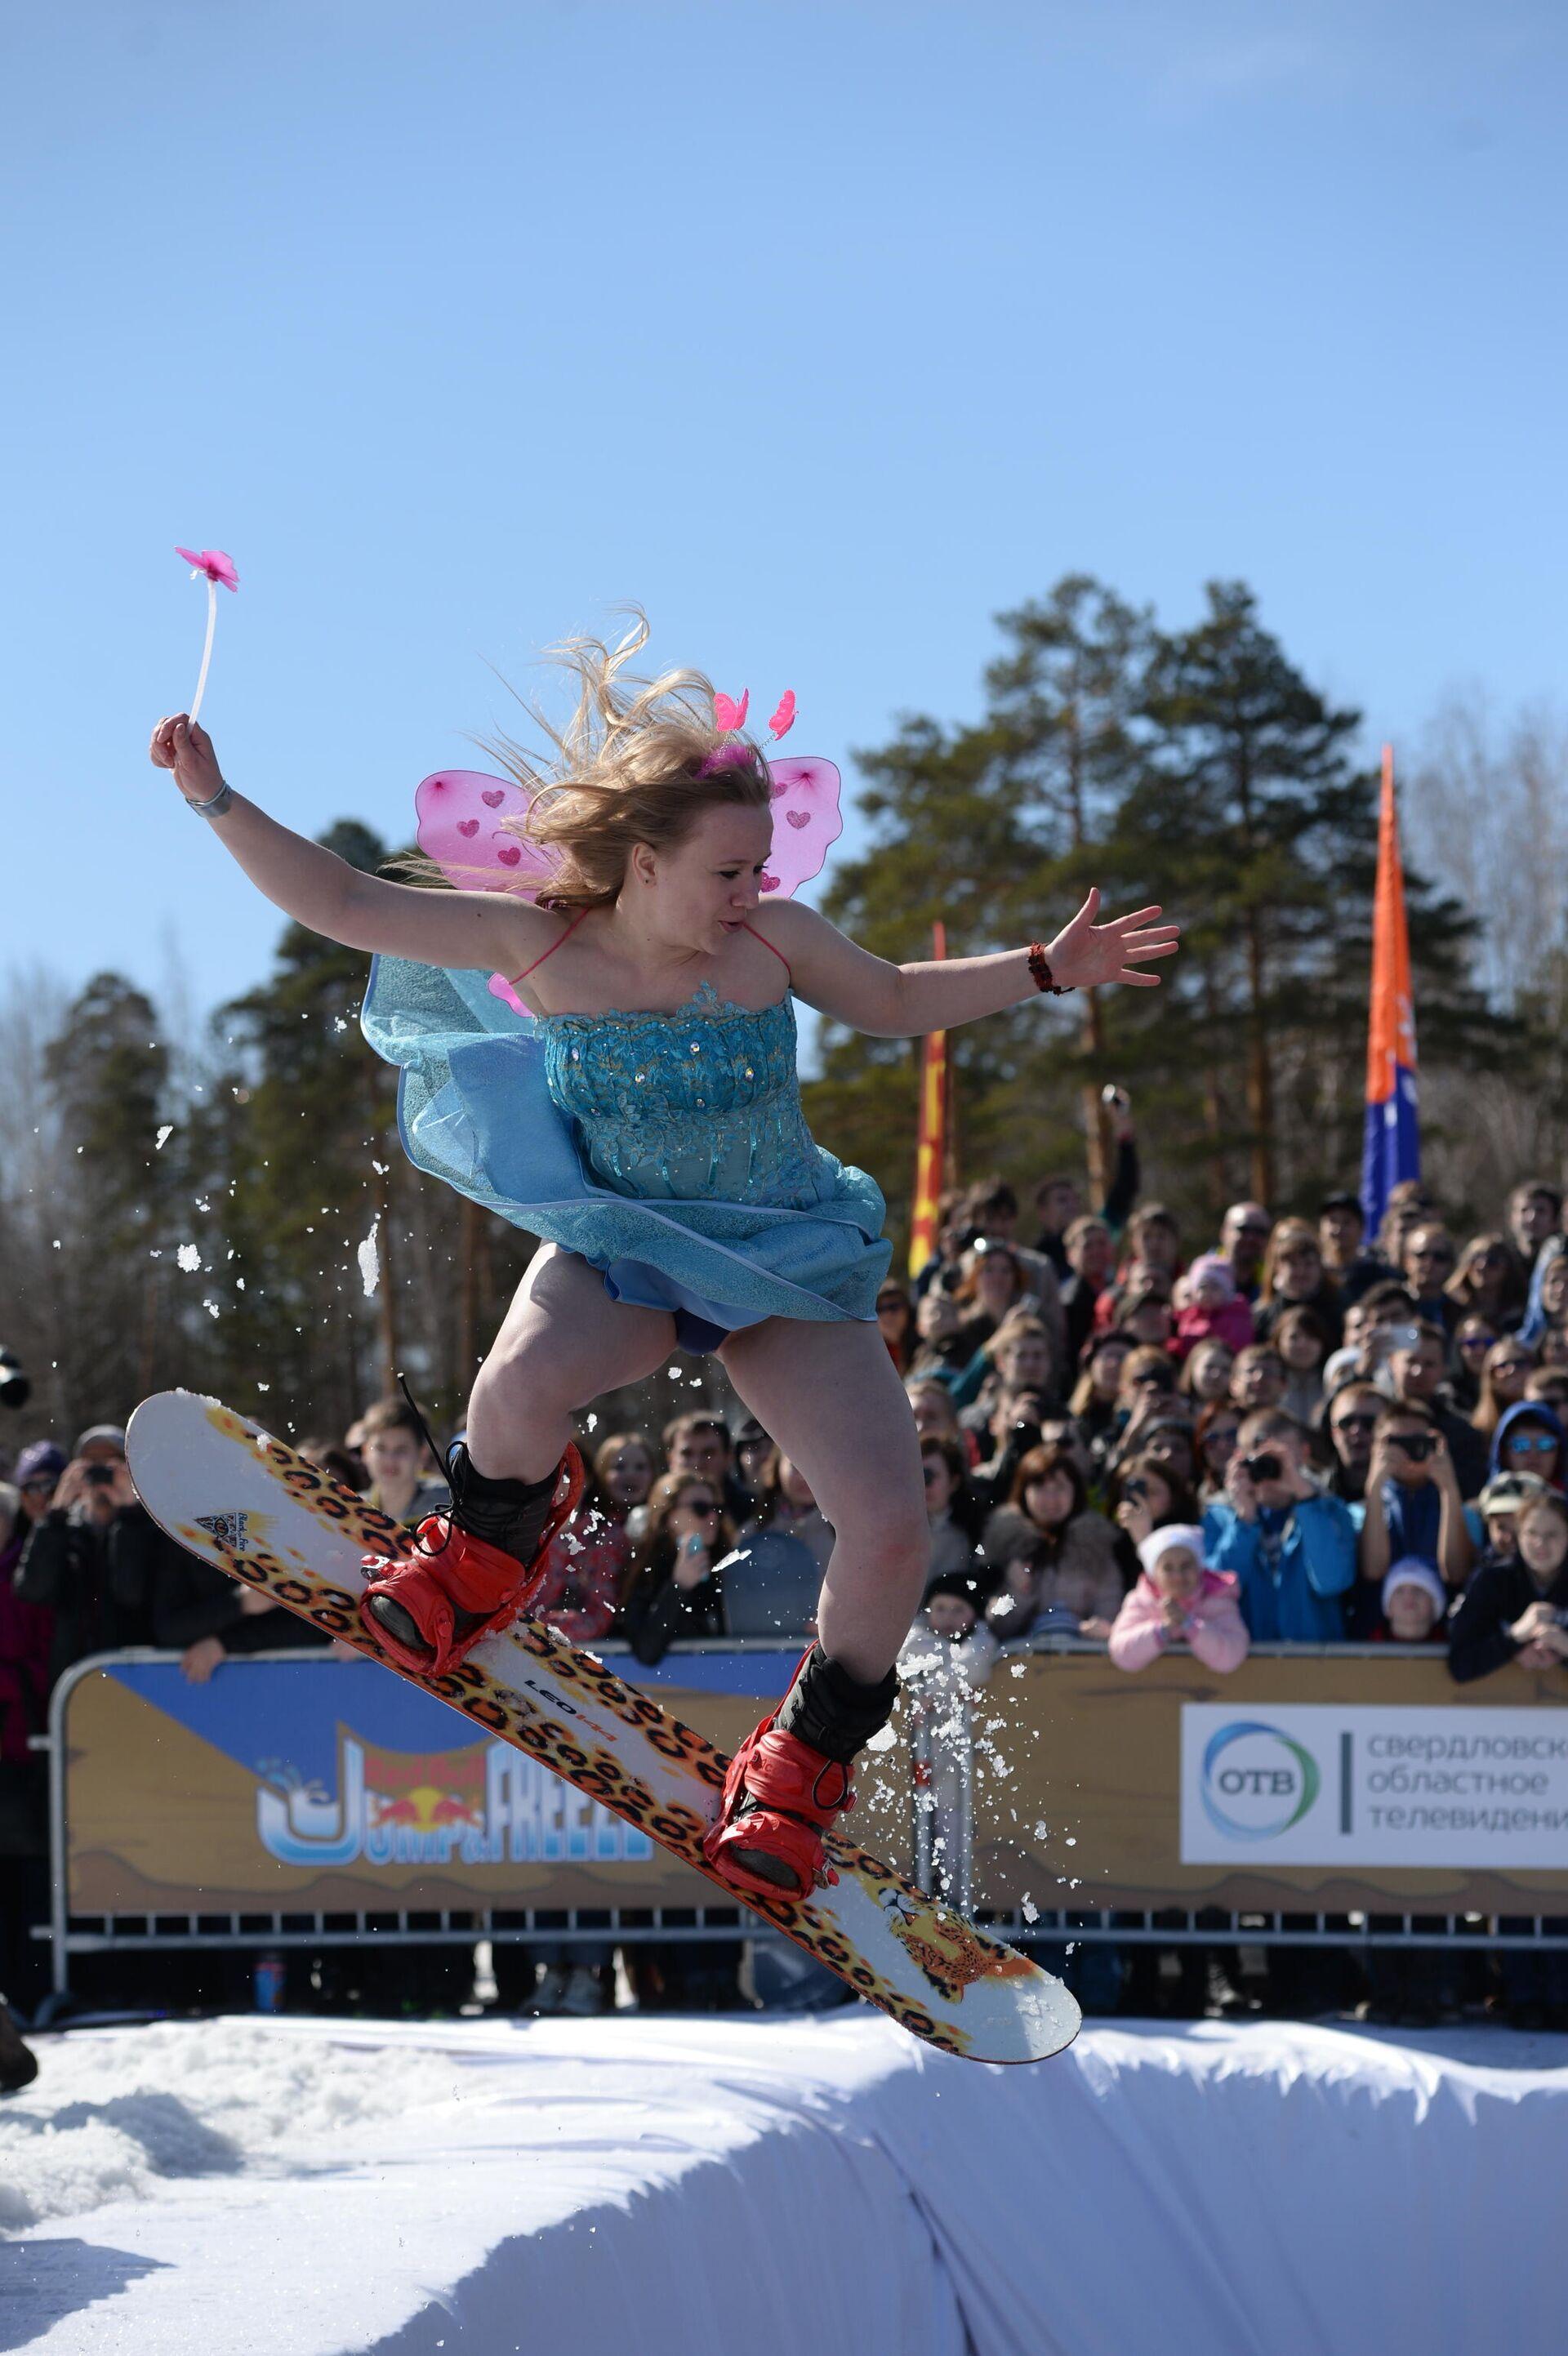 Участник экстрим-шоу Red Bull Jump & Freeze в Екатеринбурге во время соревнований - РИА Новости, 1920, 18.03.2021